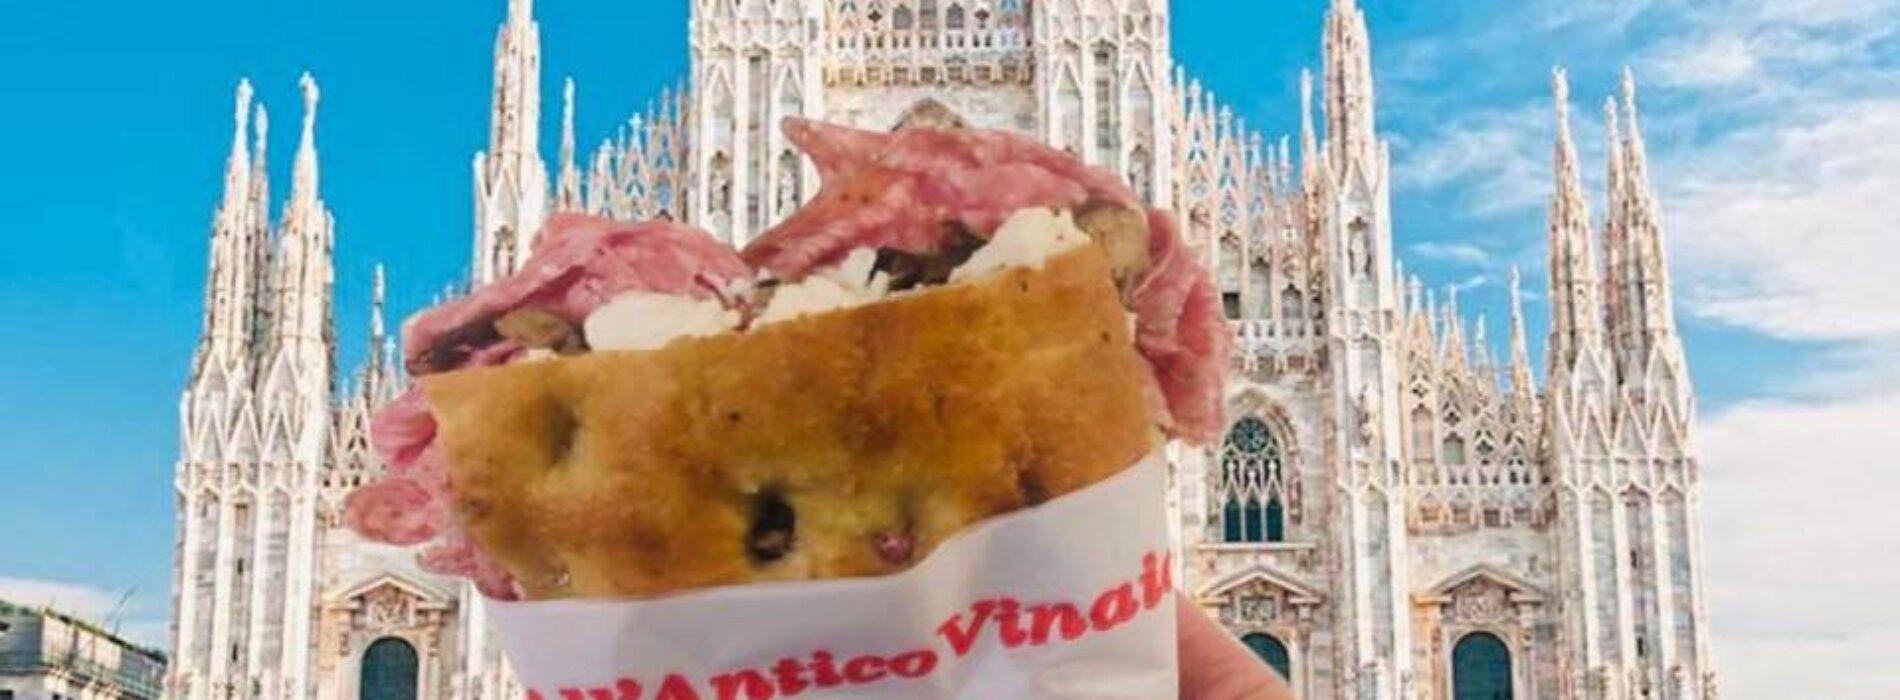 All'Antico Vinaio Milano, le mitiche schiacciate fiorentine arrivano in città